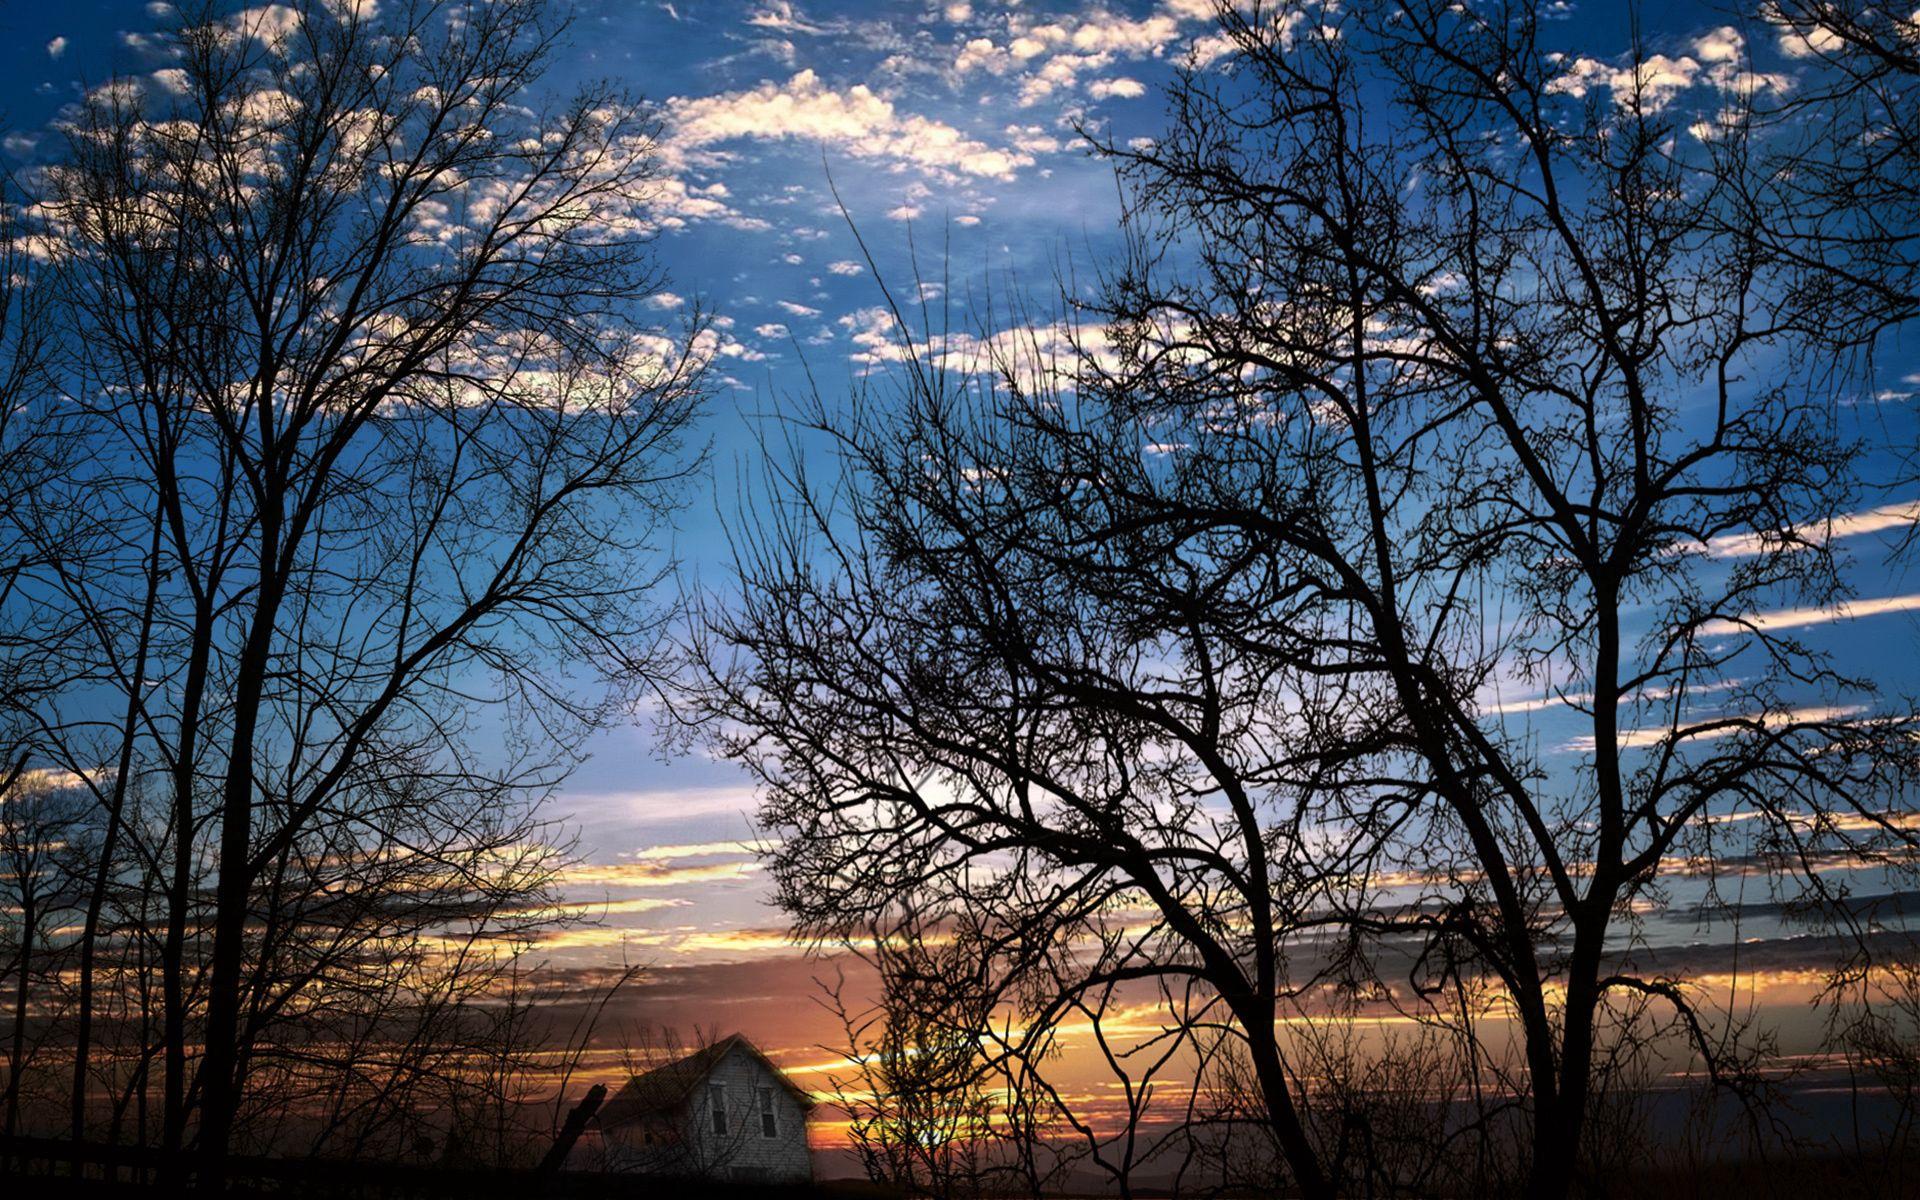 156523 скачать обои Природа, Ветви, Деревья, Закат, Вечер, Сумерки, Небо, Облака, Домик, Наклон - заставки и картинки бесплатно